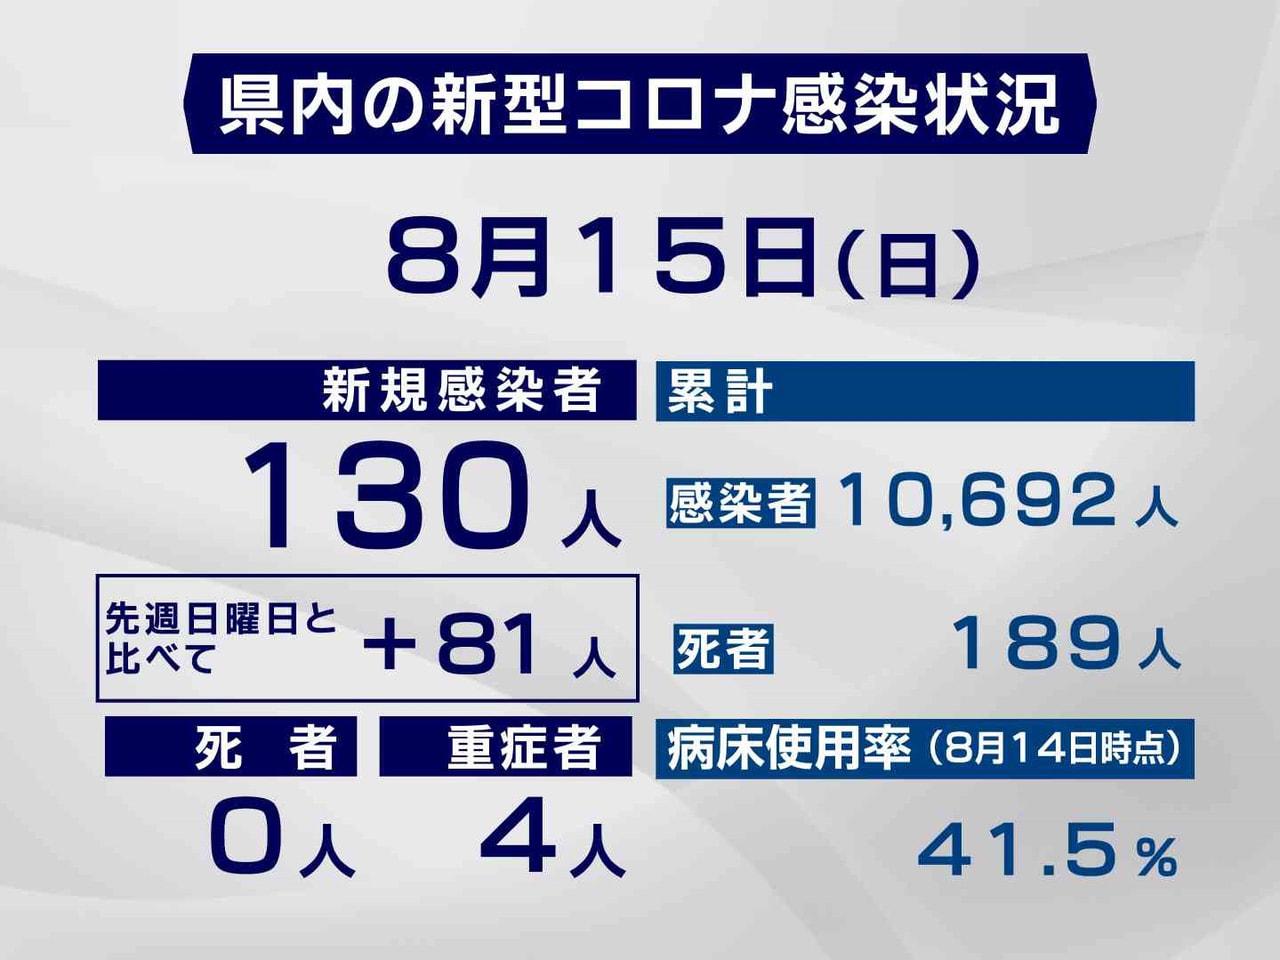 岐阜県と岐阜市は15日、新型コロナウイルスの感染者が新たに130人確認されたと発...